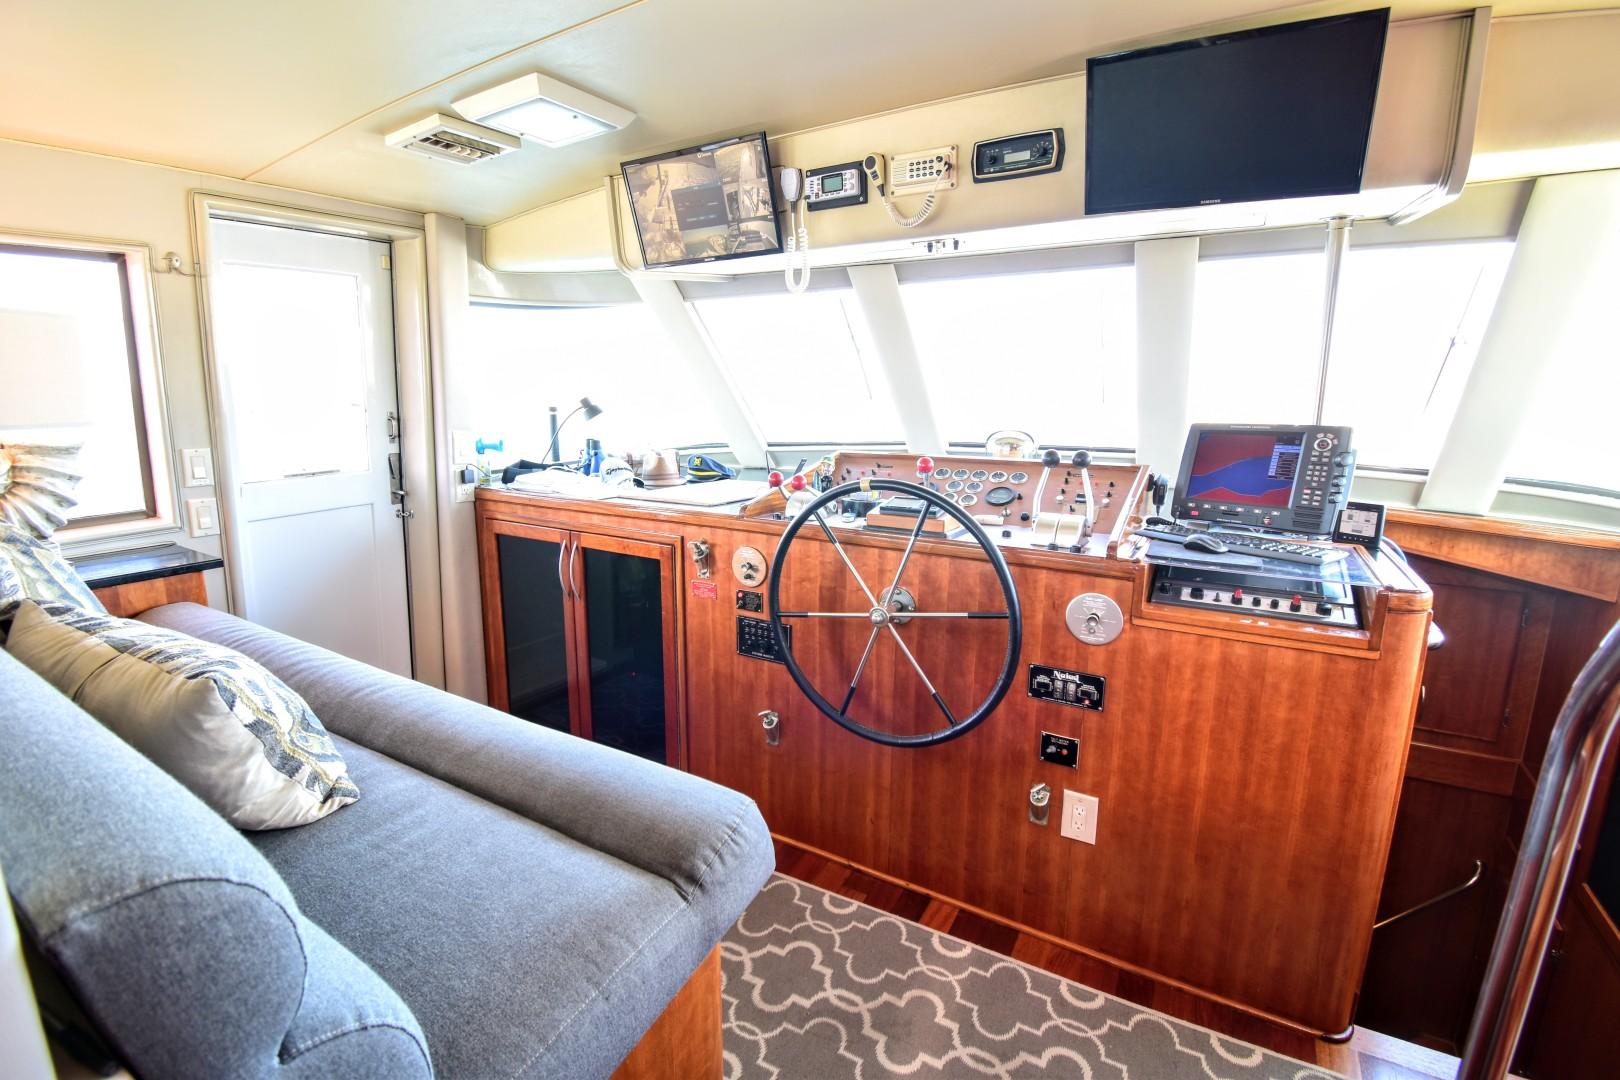 Hatteras-82 Cockpit Motor Yacht 1985-Papillon Seabrook-Texas-United States-Hatteras Motor Yacht 1985 Papillon Pilothouse-1345385 | Thumbnail